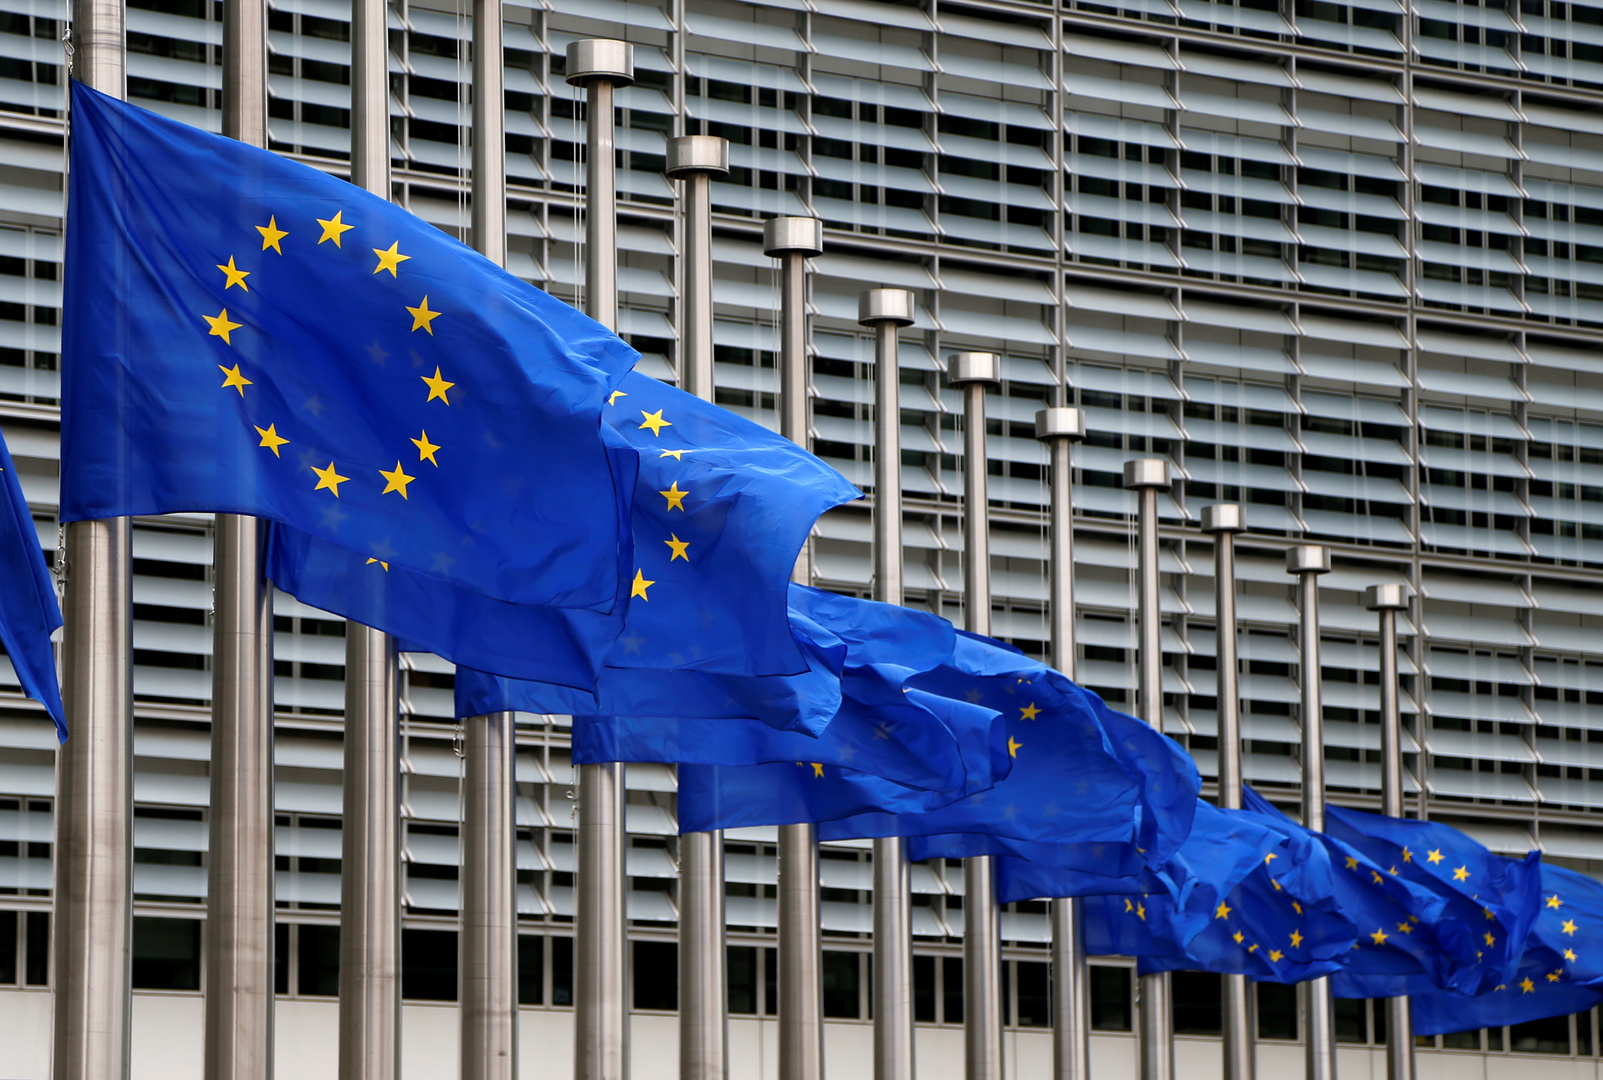 لوكسمبورغ: أوروبا ليست جاهزة للتعامل مع أزمة هجرة جديدة